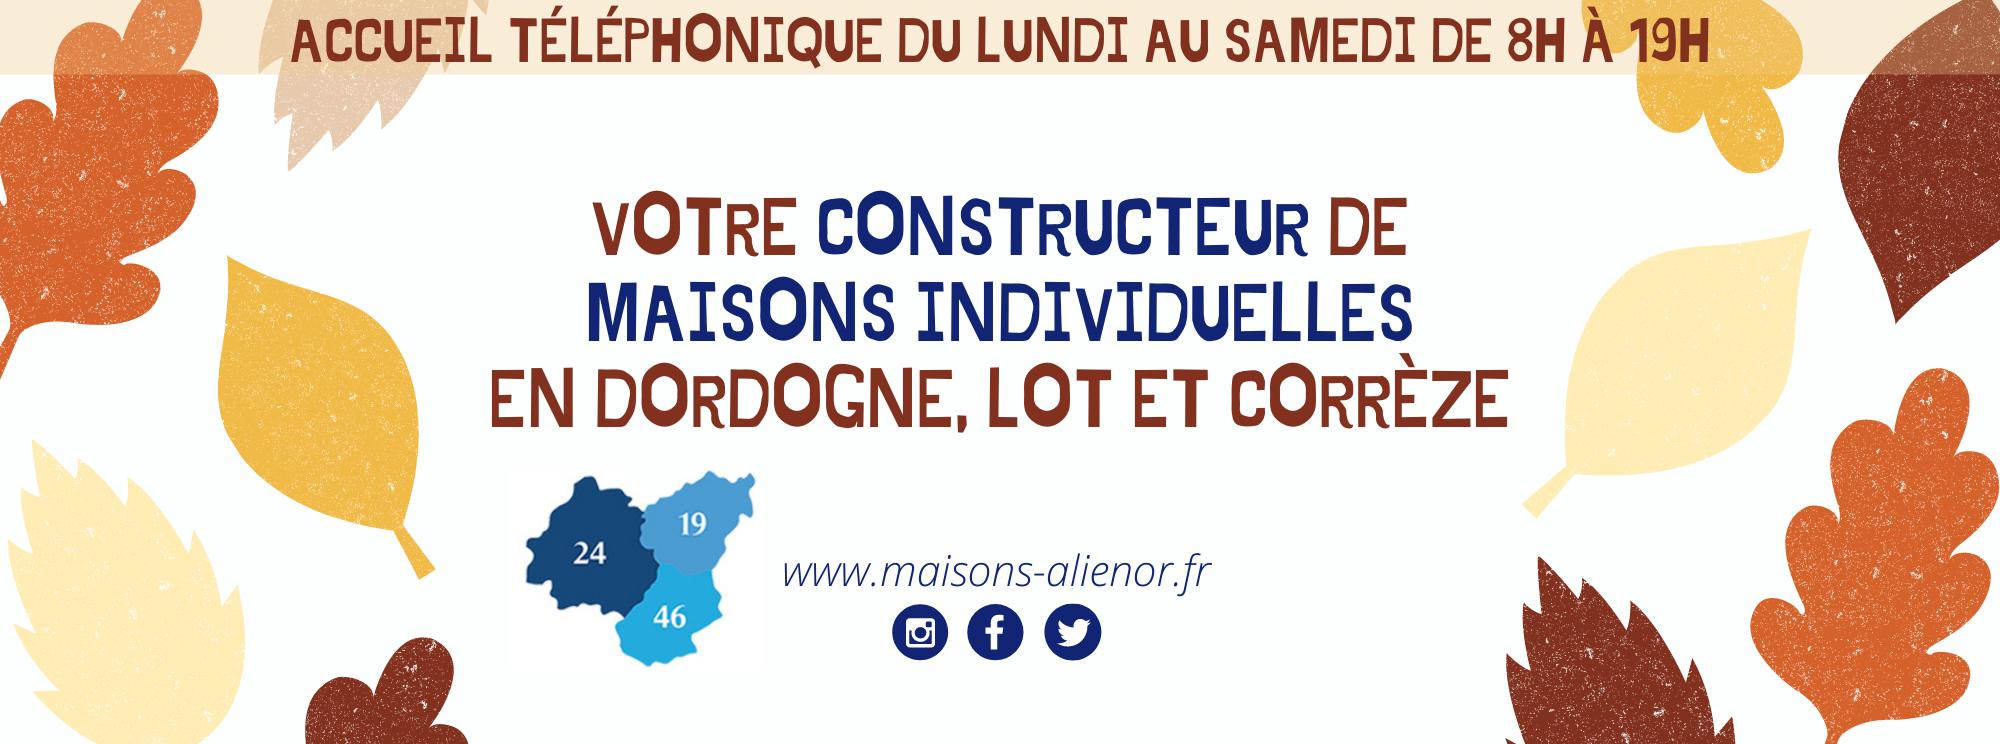 Bandeau-web-constructeur-de-maisons-individuelles-maisons-aliénor-automne